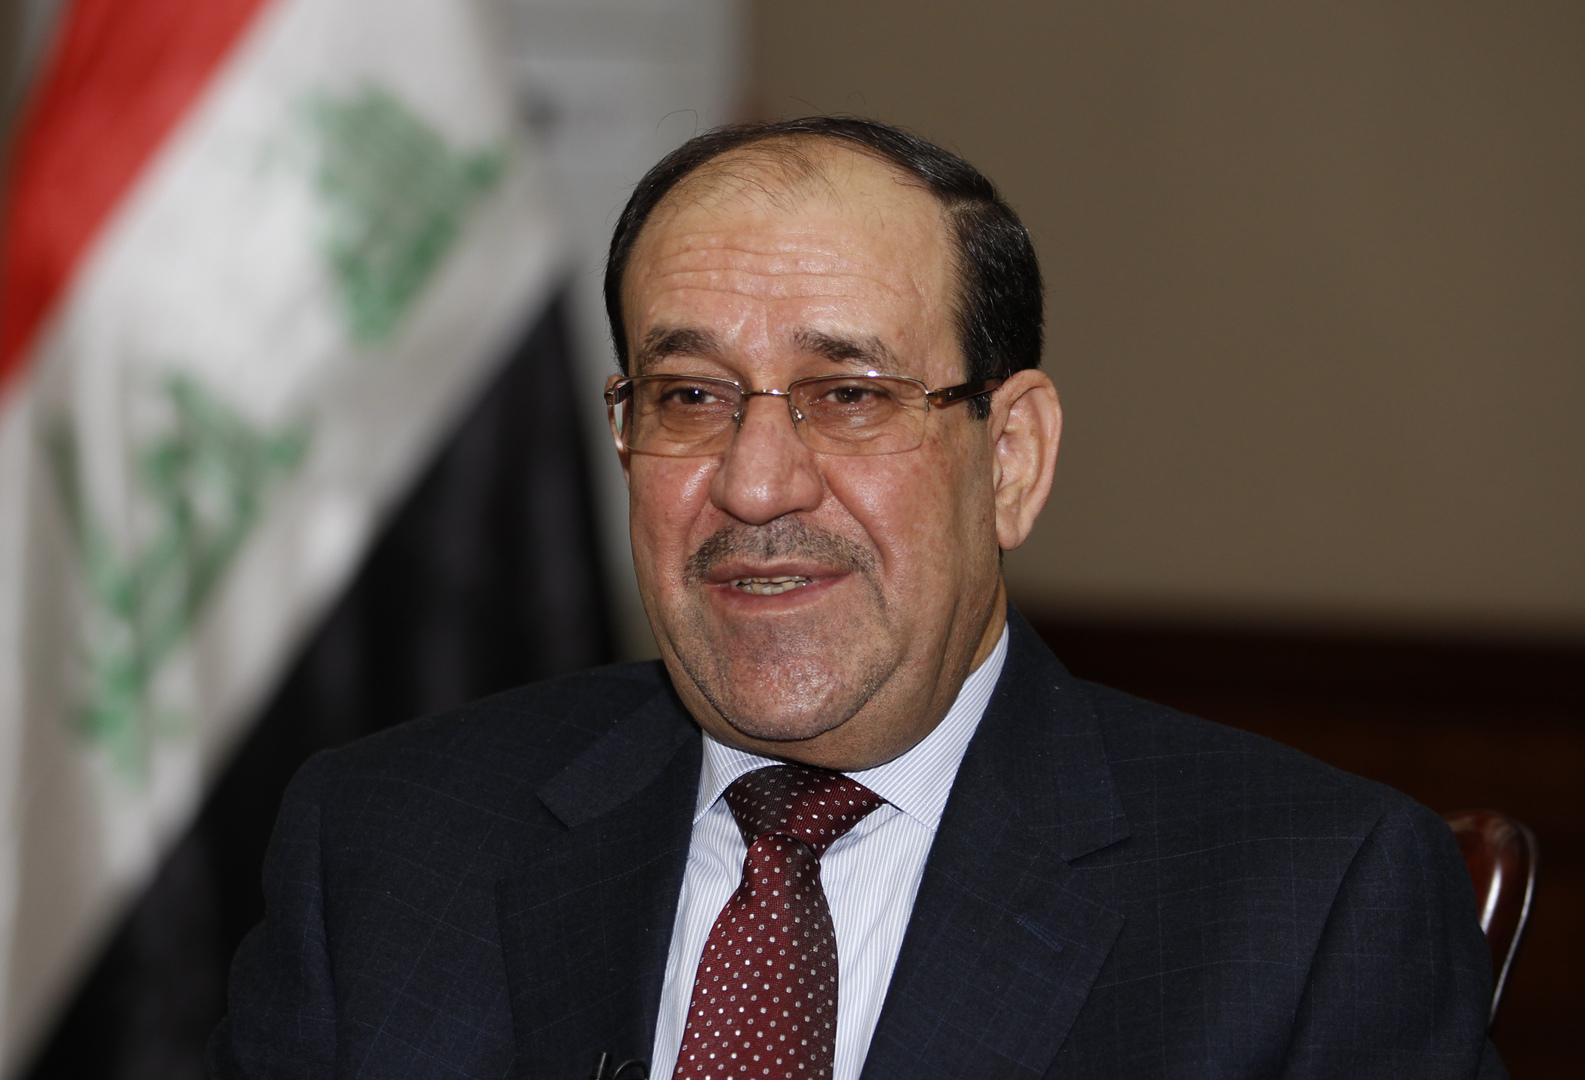 المالكي: إيران تعتقد أنها تدافع عن نفسها في العراق